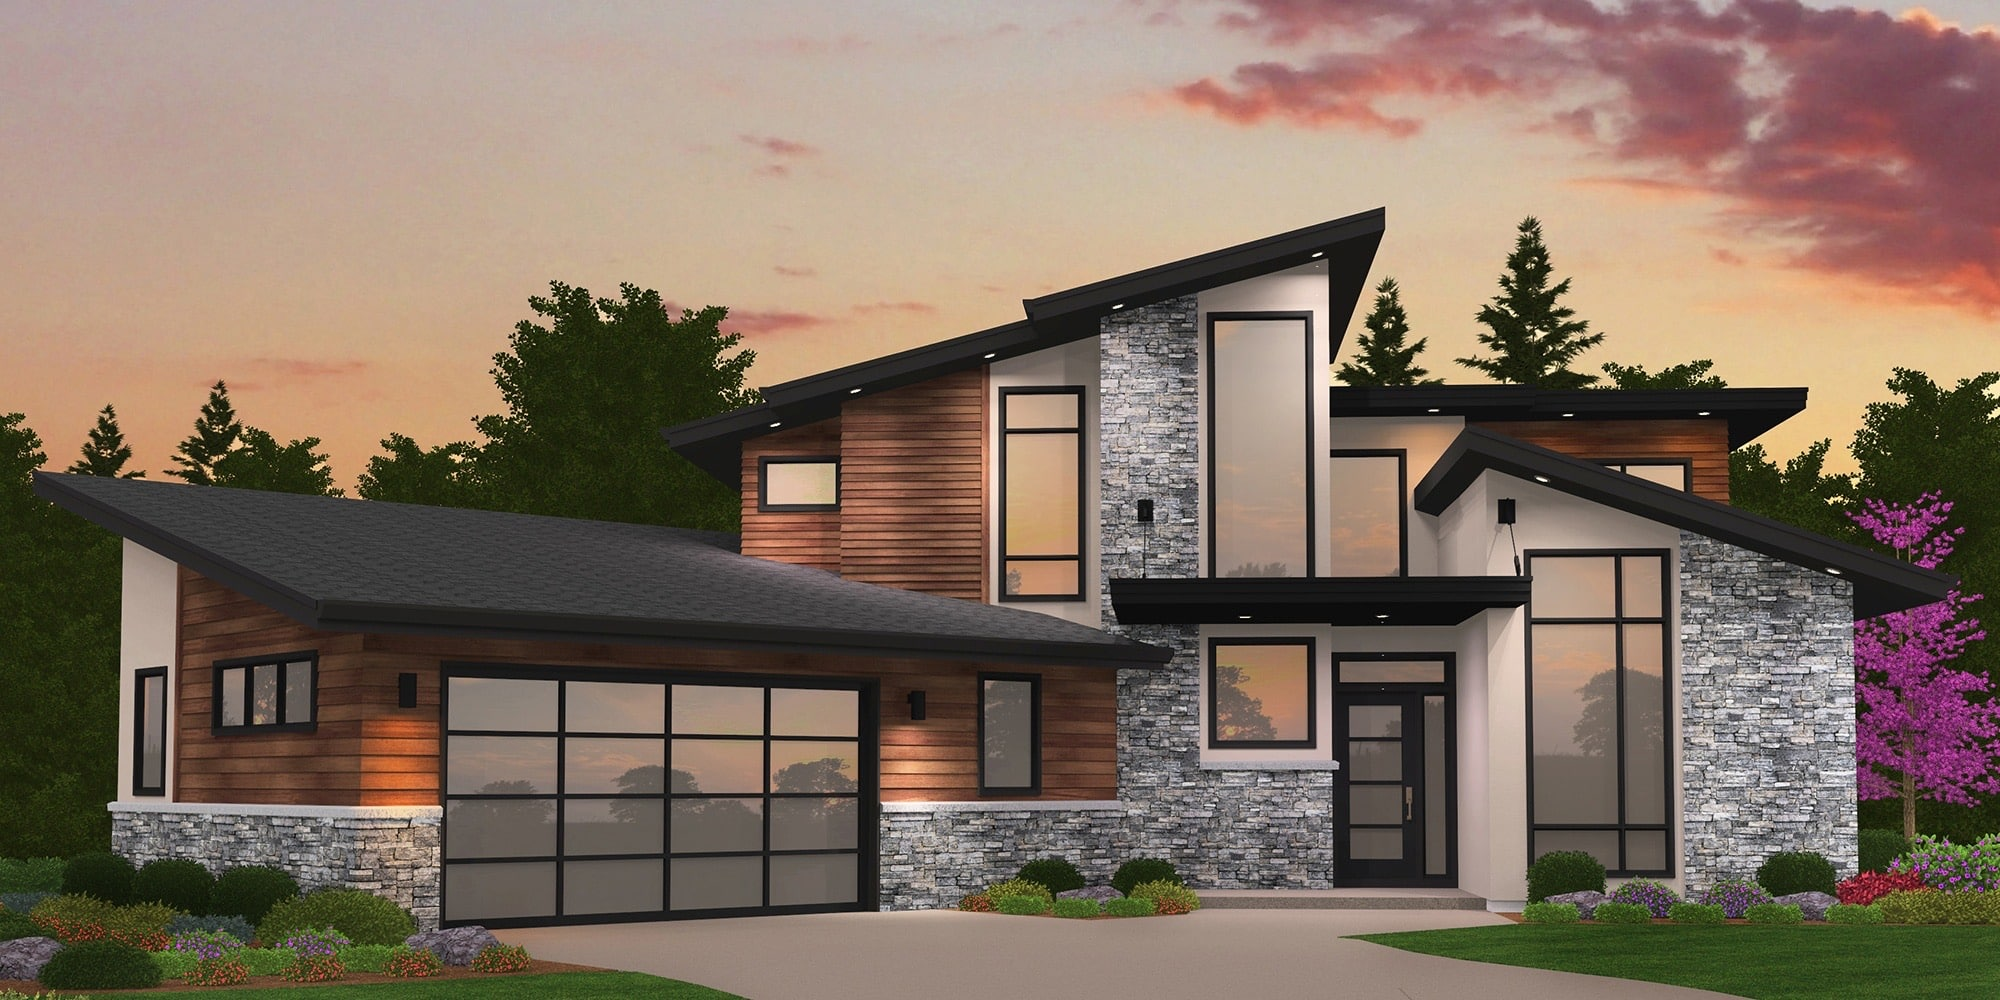 Rumah Minimalis Dengan Atap Miring Thegorbalsla